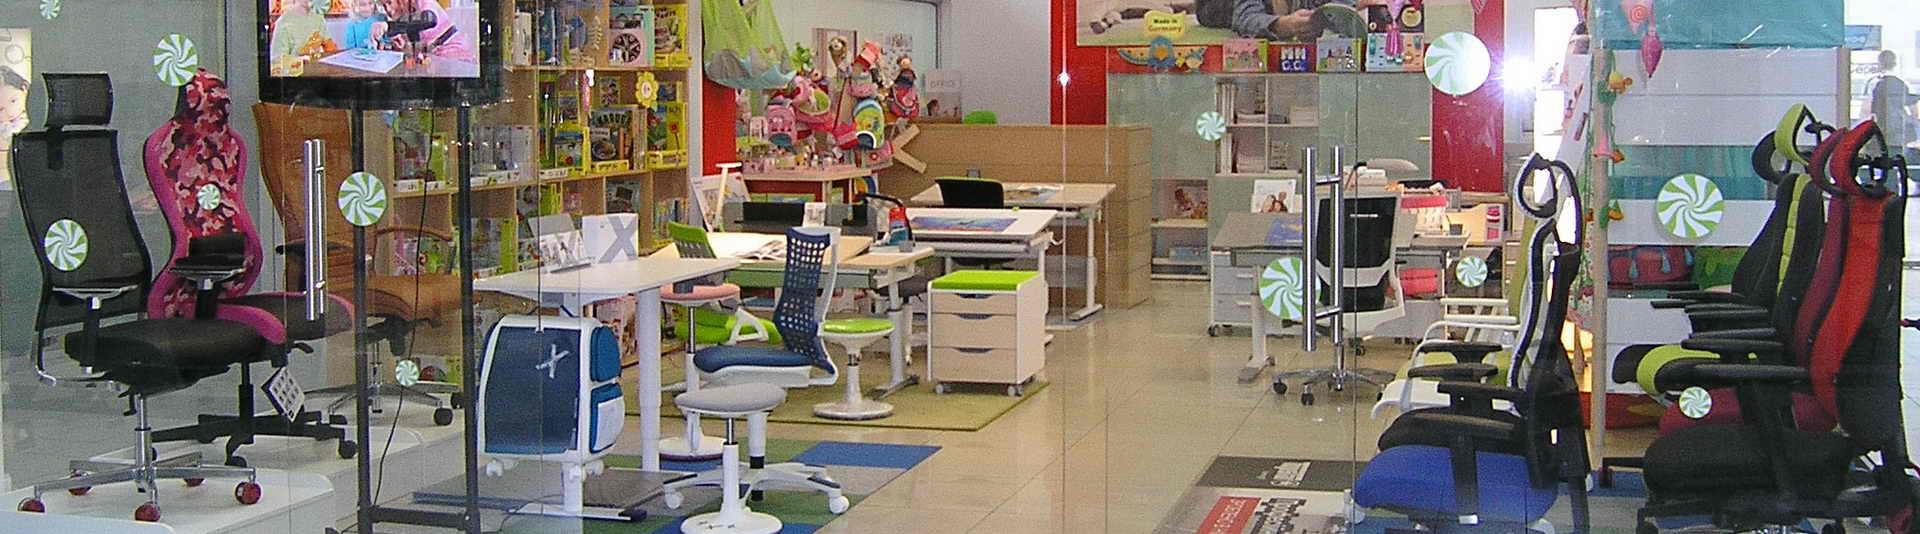 Вас приветствует сеть детских магазинов PLAY&STUDY